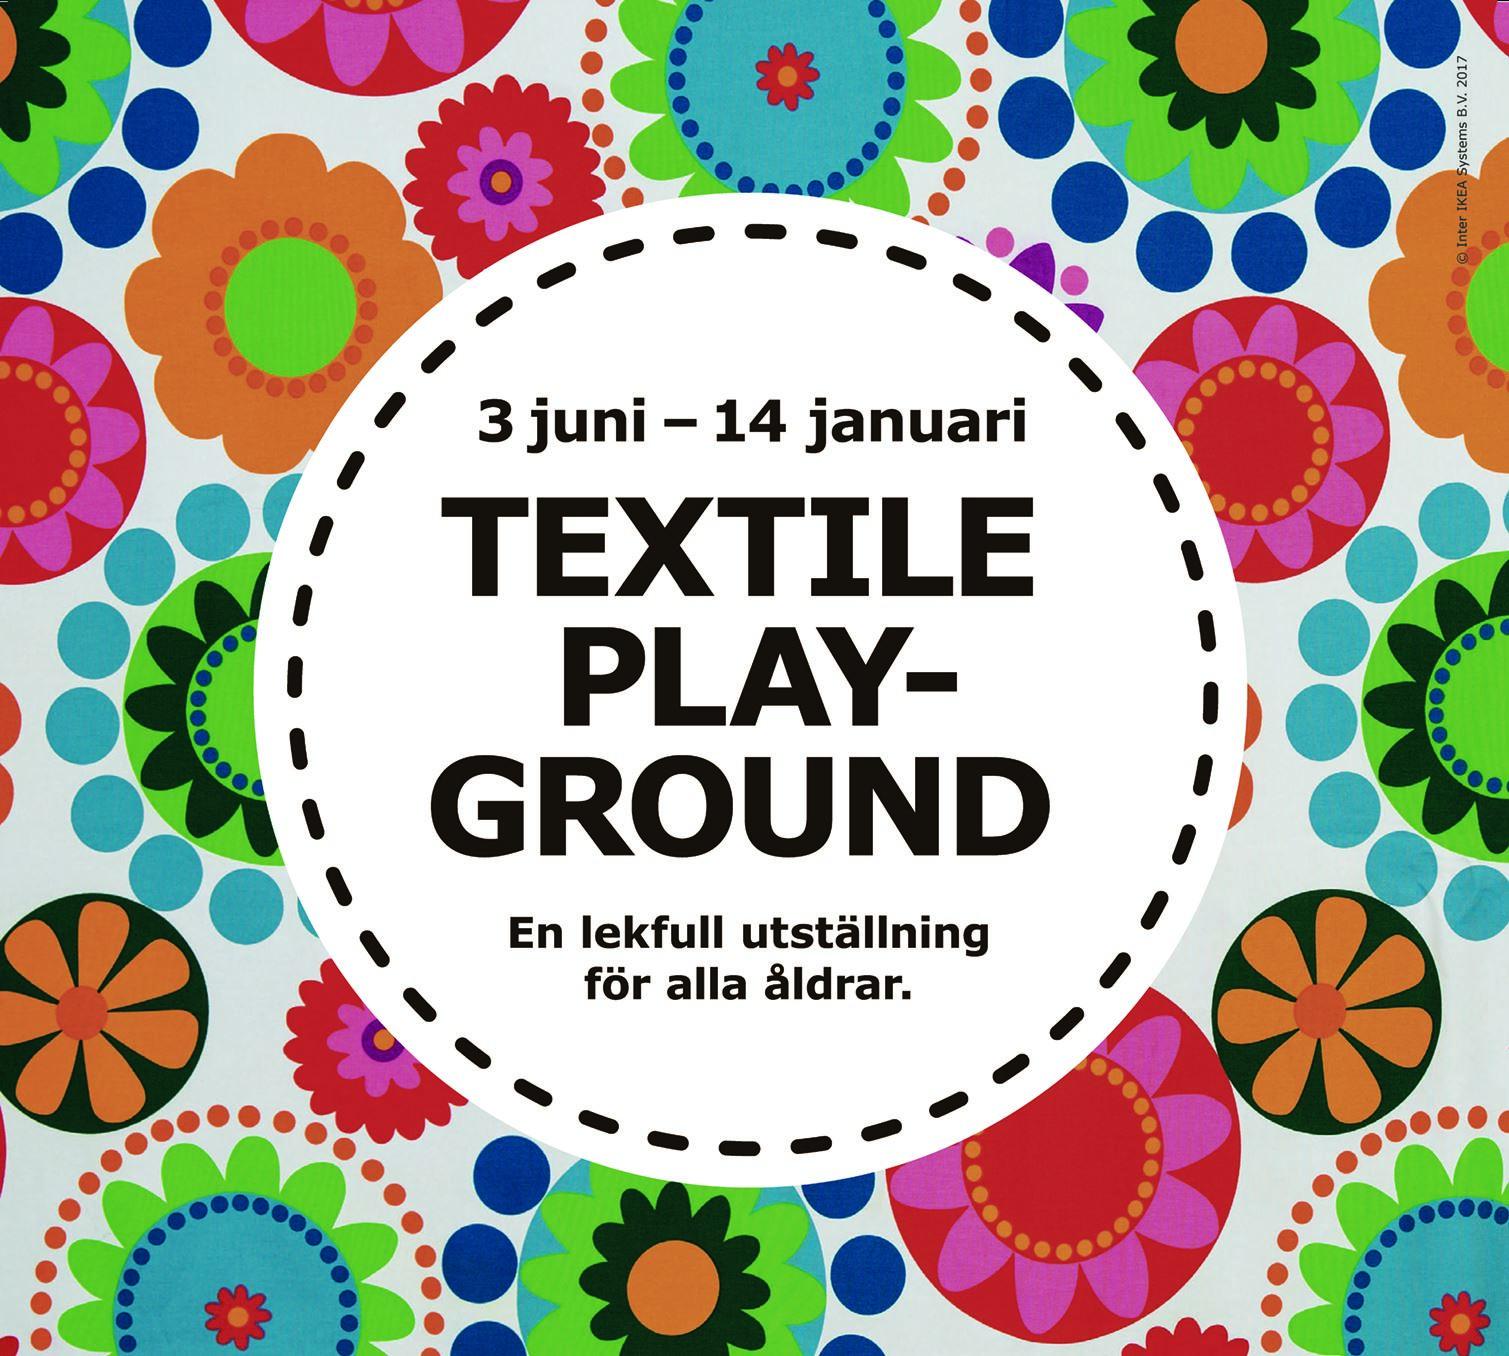 Utställning - Textile Playground